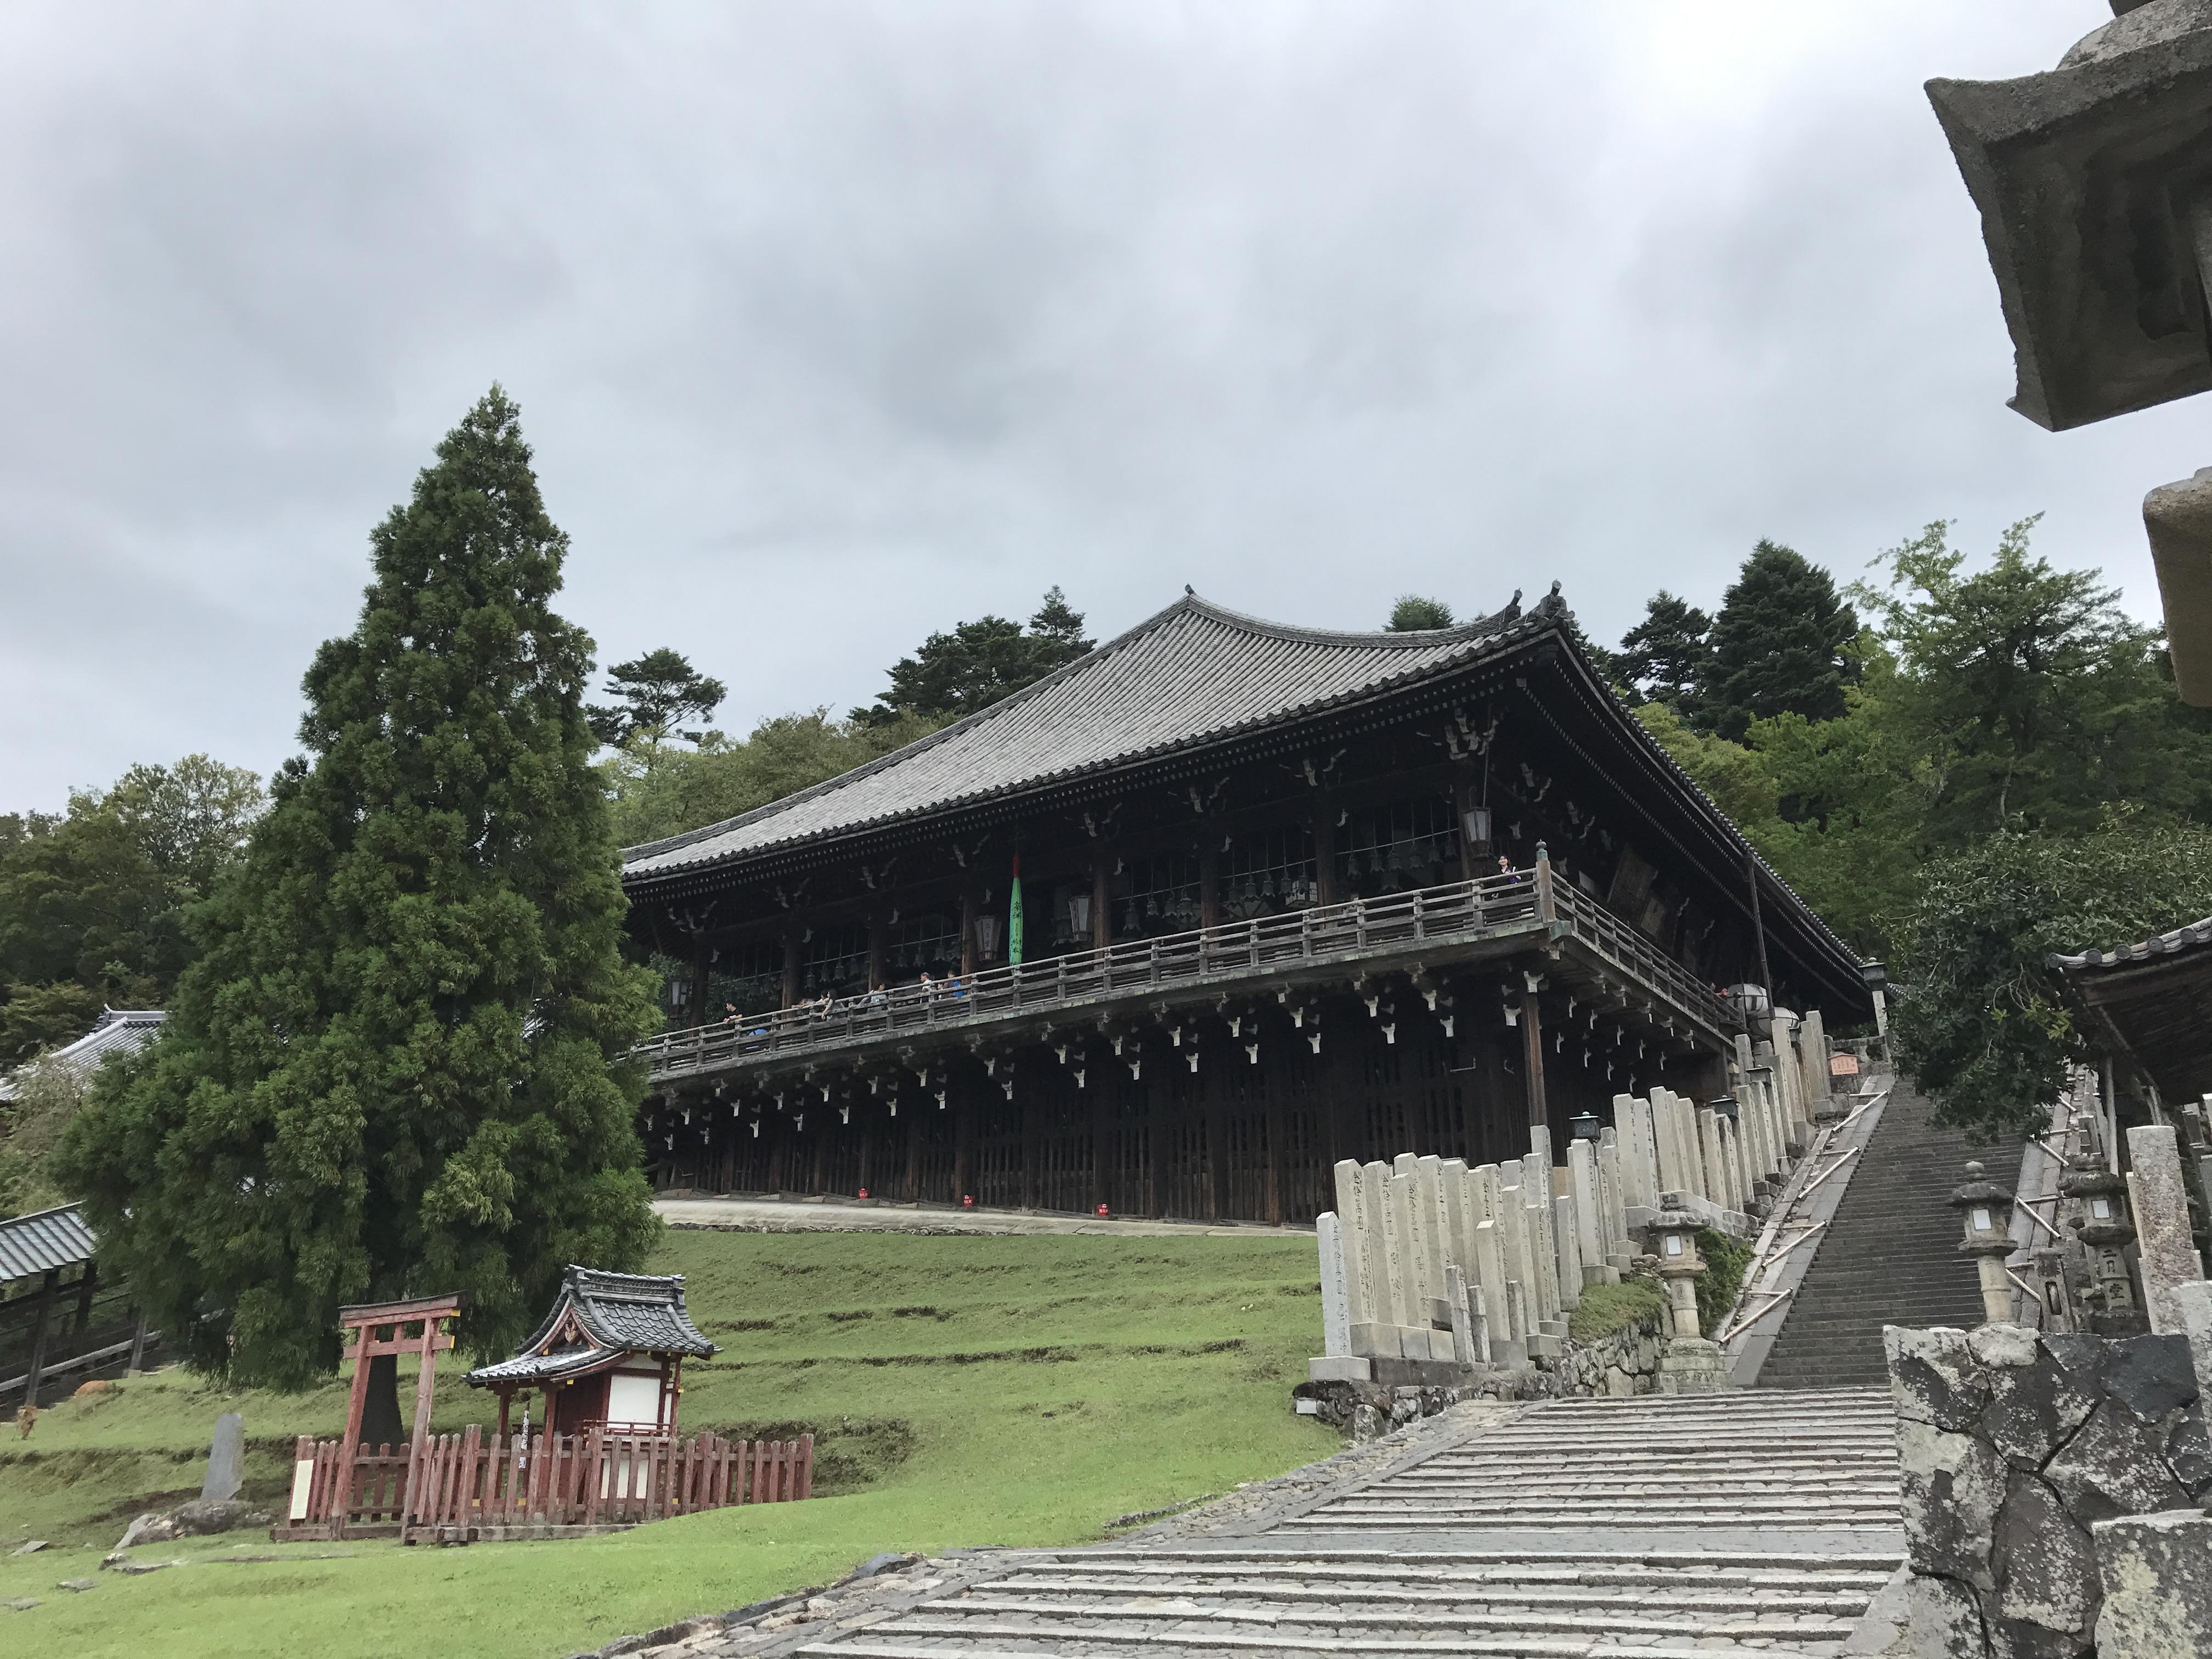 東大寺二月堂のその他建物(奈良県近鉄奈良駅)